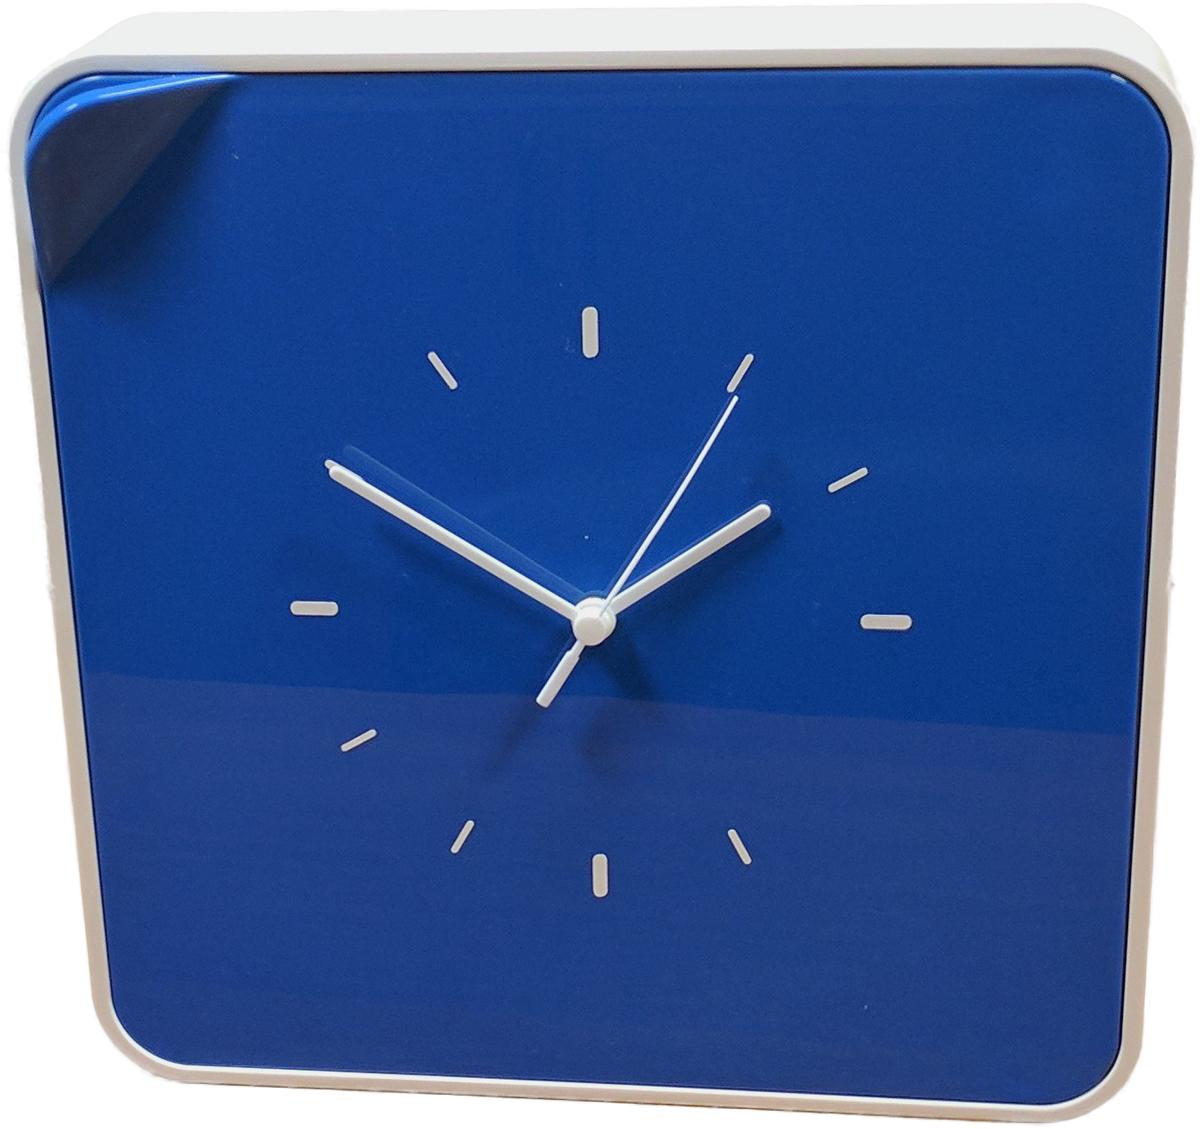 Ключница настенная Byline, с часами, цвет: синий. 108.3254.0412723Многофункциональный ящик - удобное решение для хранения любых мелочей: косметика, лаки, украшения, диски и другие мелкие аксессуары всегда будут на своем месте. Ящик легко впишется в интерьер, спальни, гостиной и даже деткой комнаты.